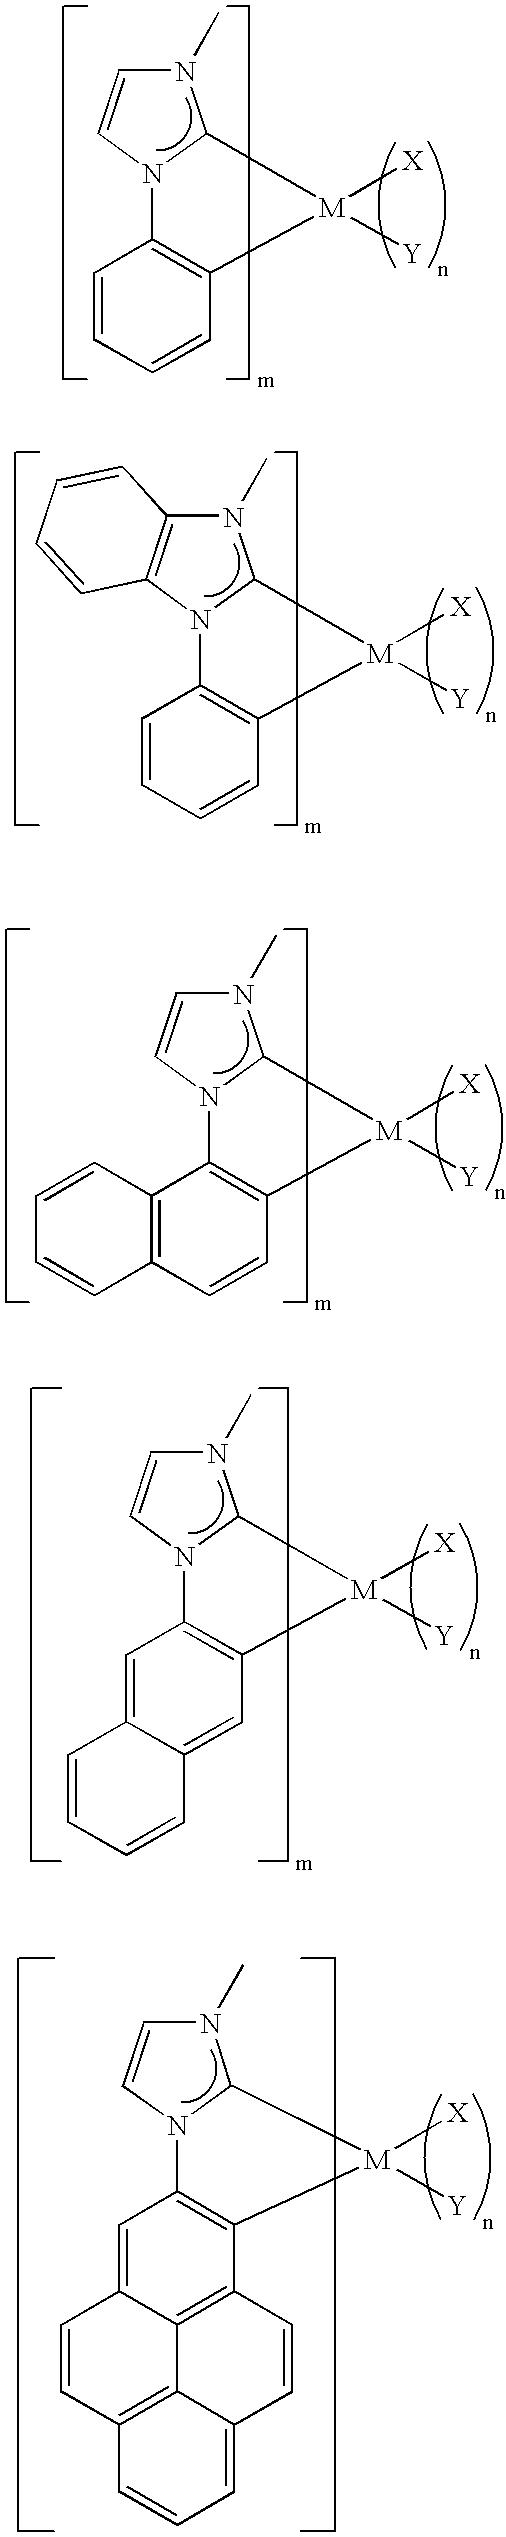 Figure US07491823-20090217-C00049